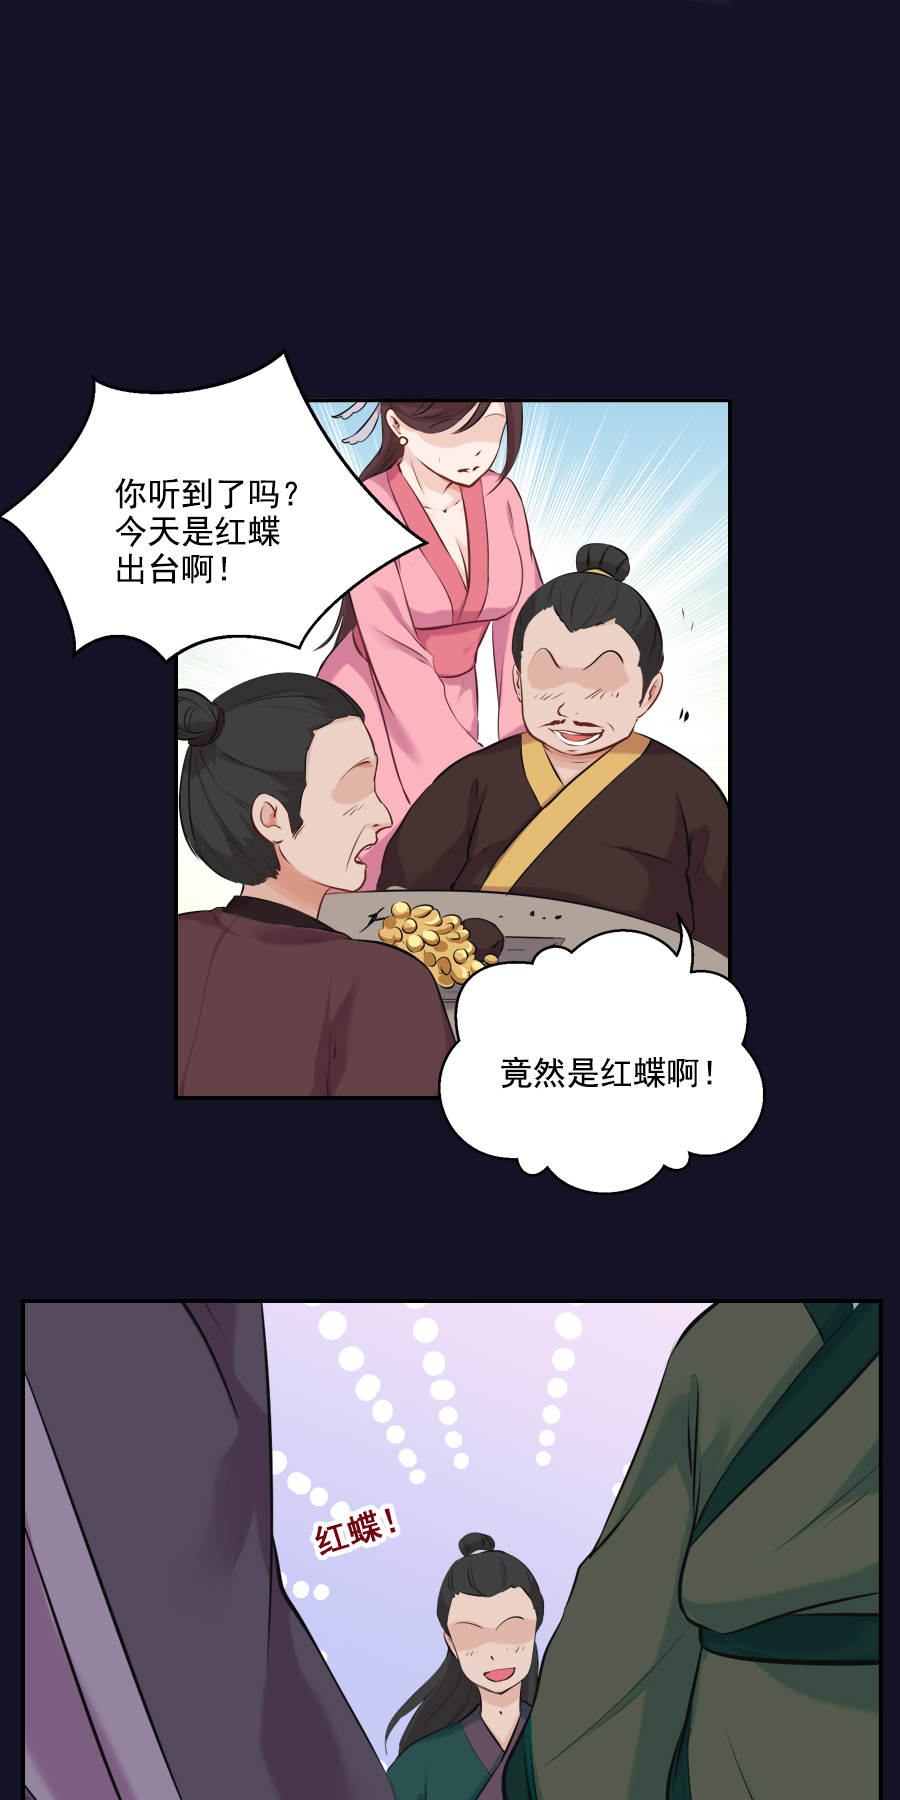 盛世帝王妃第30话  红蝶 第 14